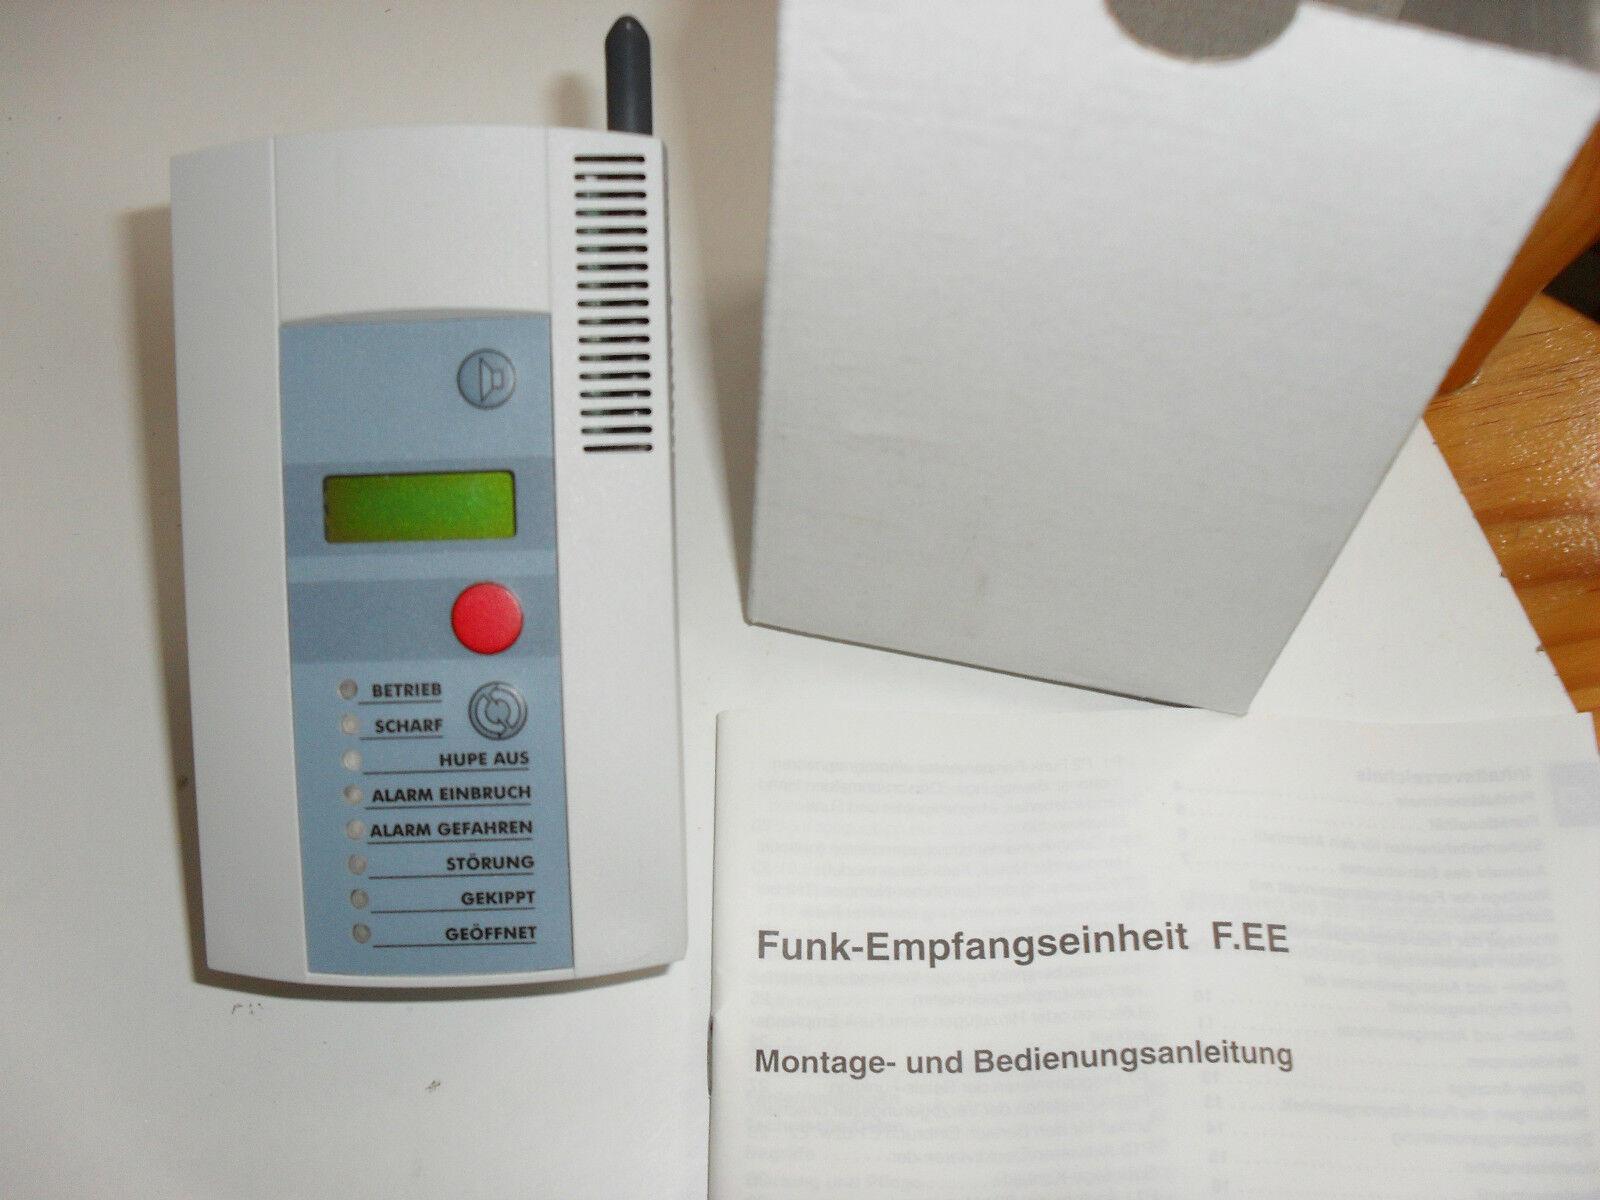 Roto Alarm Funkempfangseinheit mit Kontaktelement und Magnet